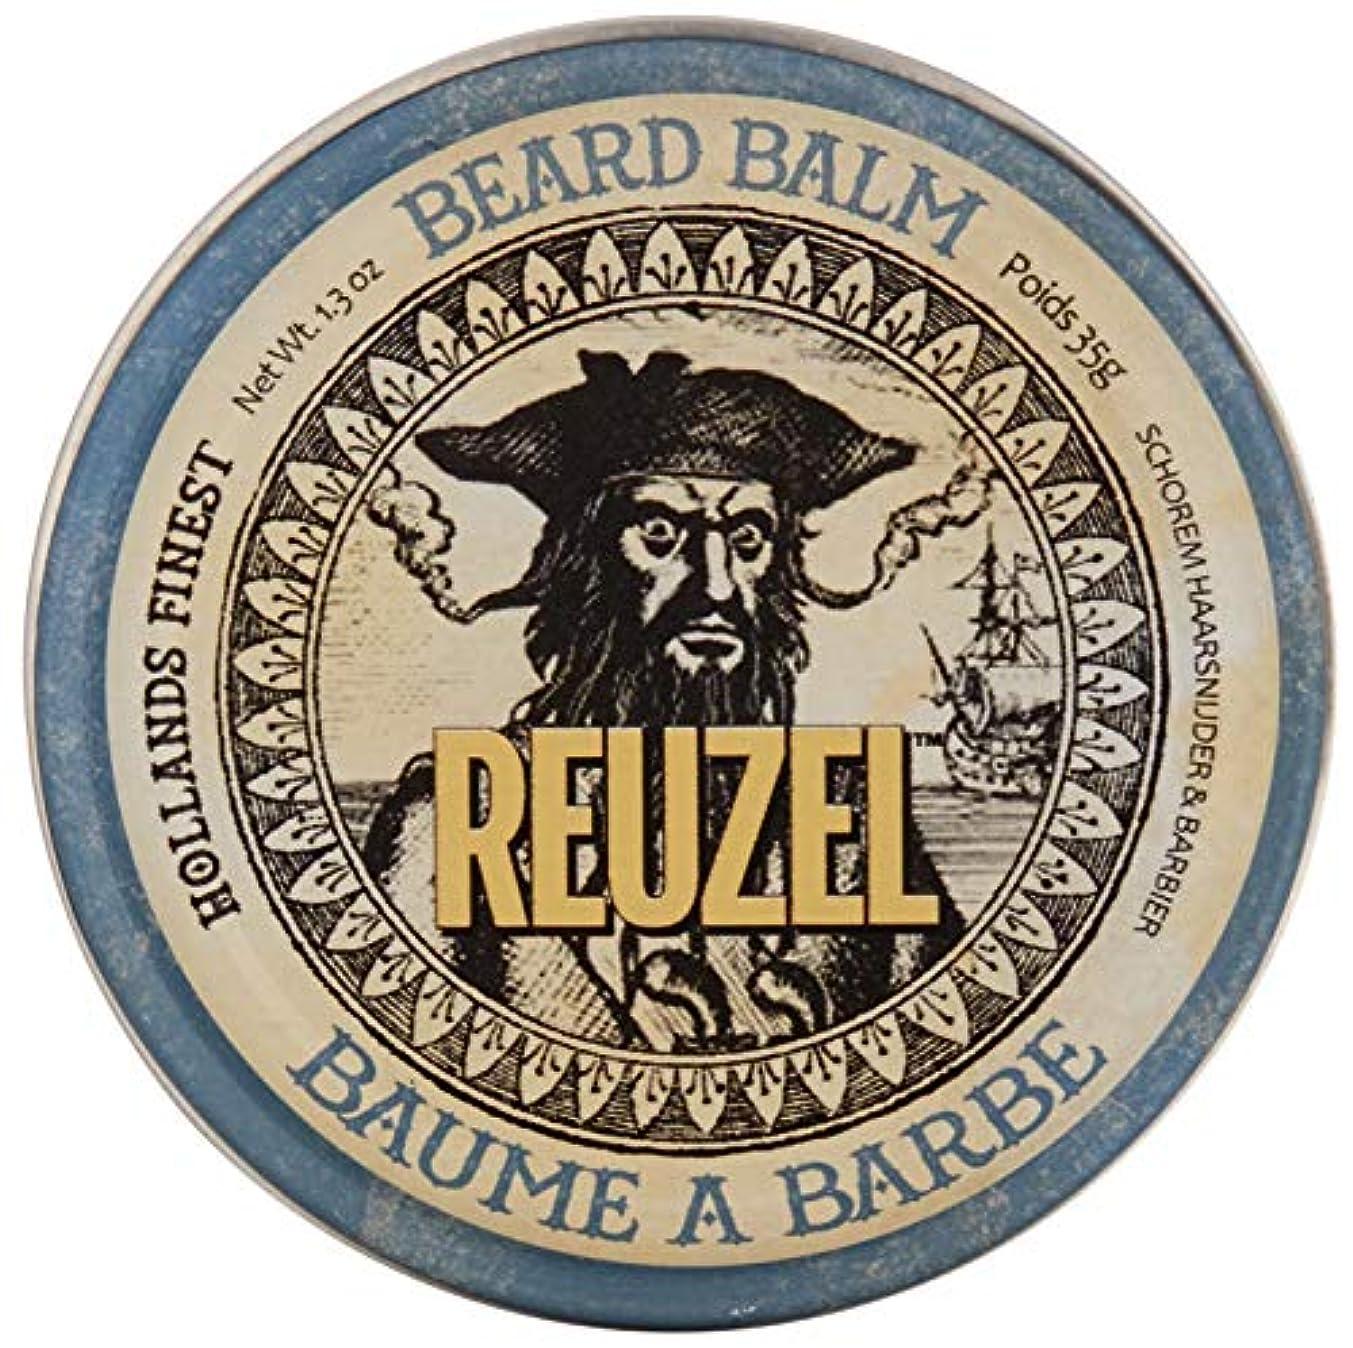 結晶教育演じるreuzel BEARD BALM 1.3 oz by REUZEL